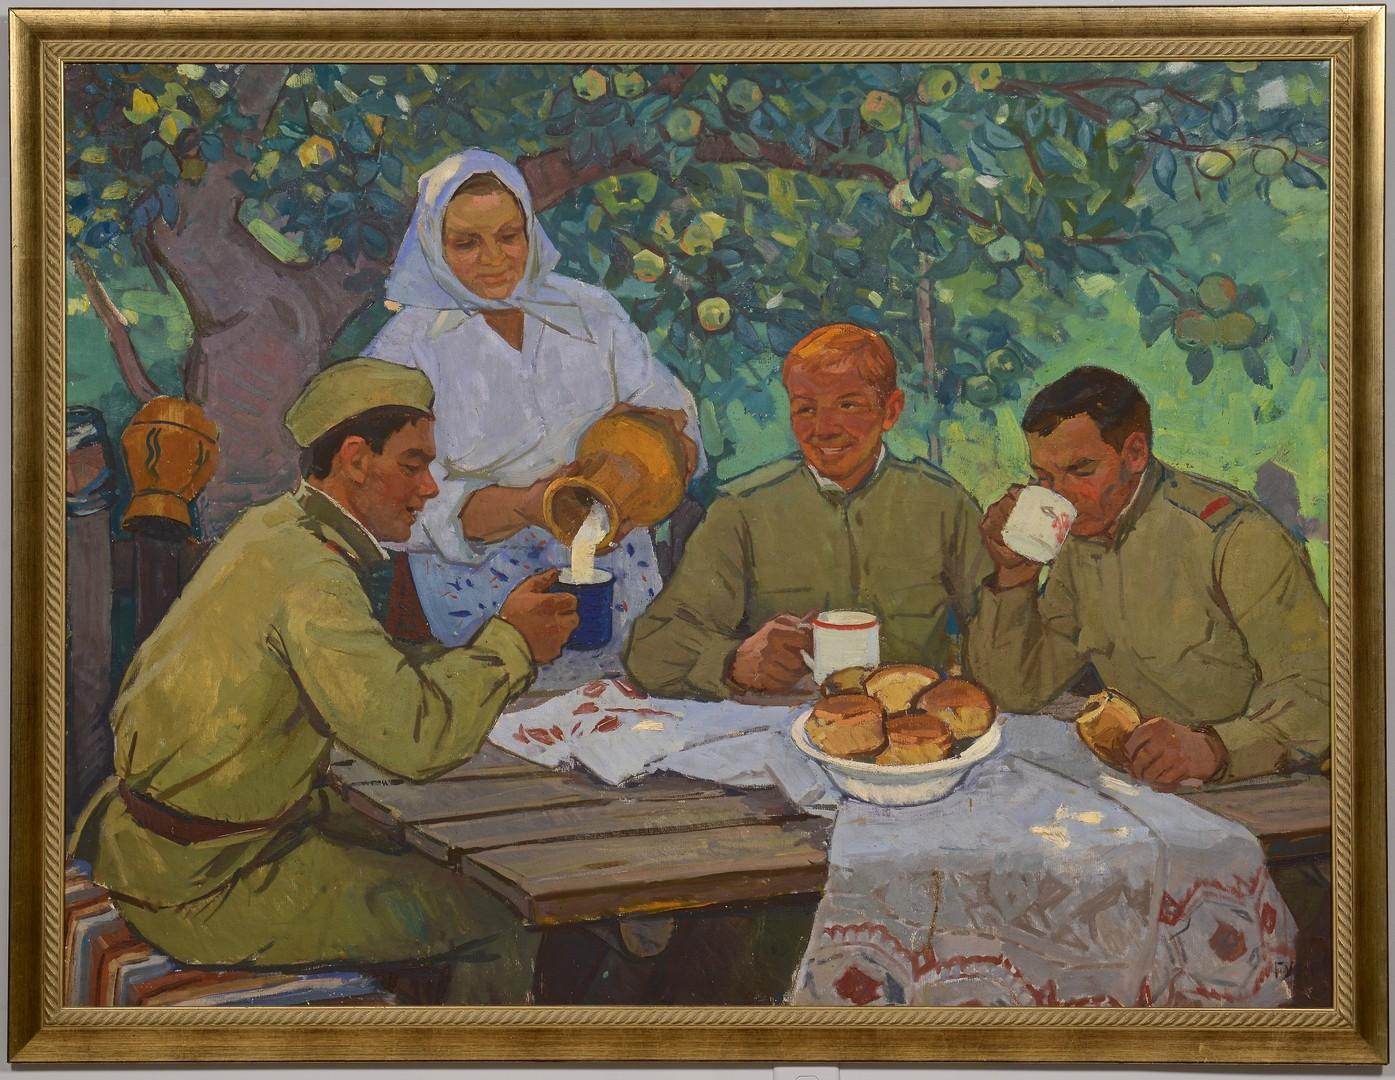 Lot 232: Russian Federation Oil, Gurvich